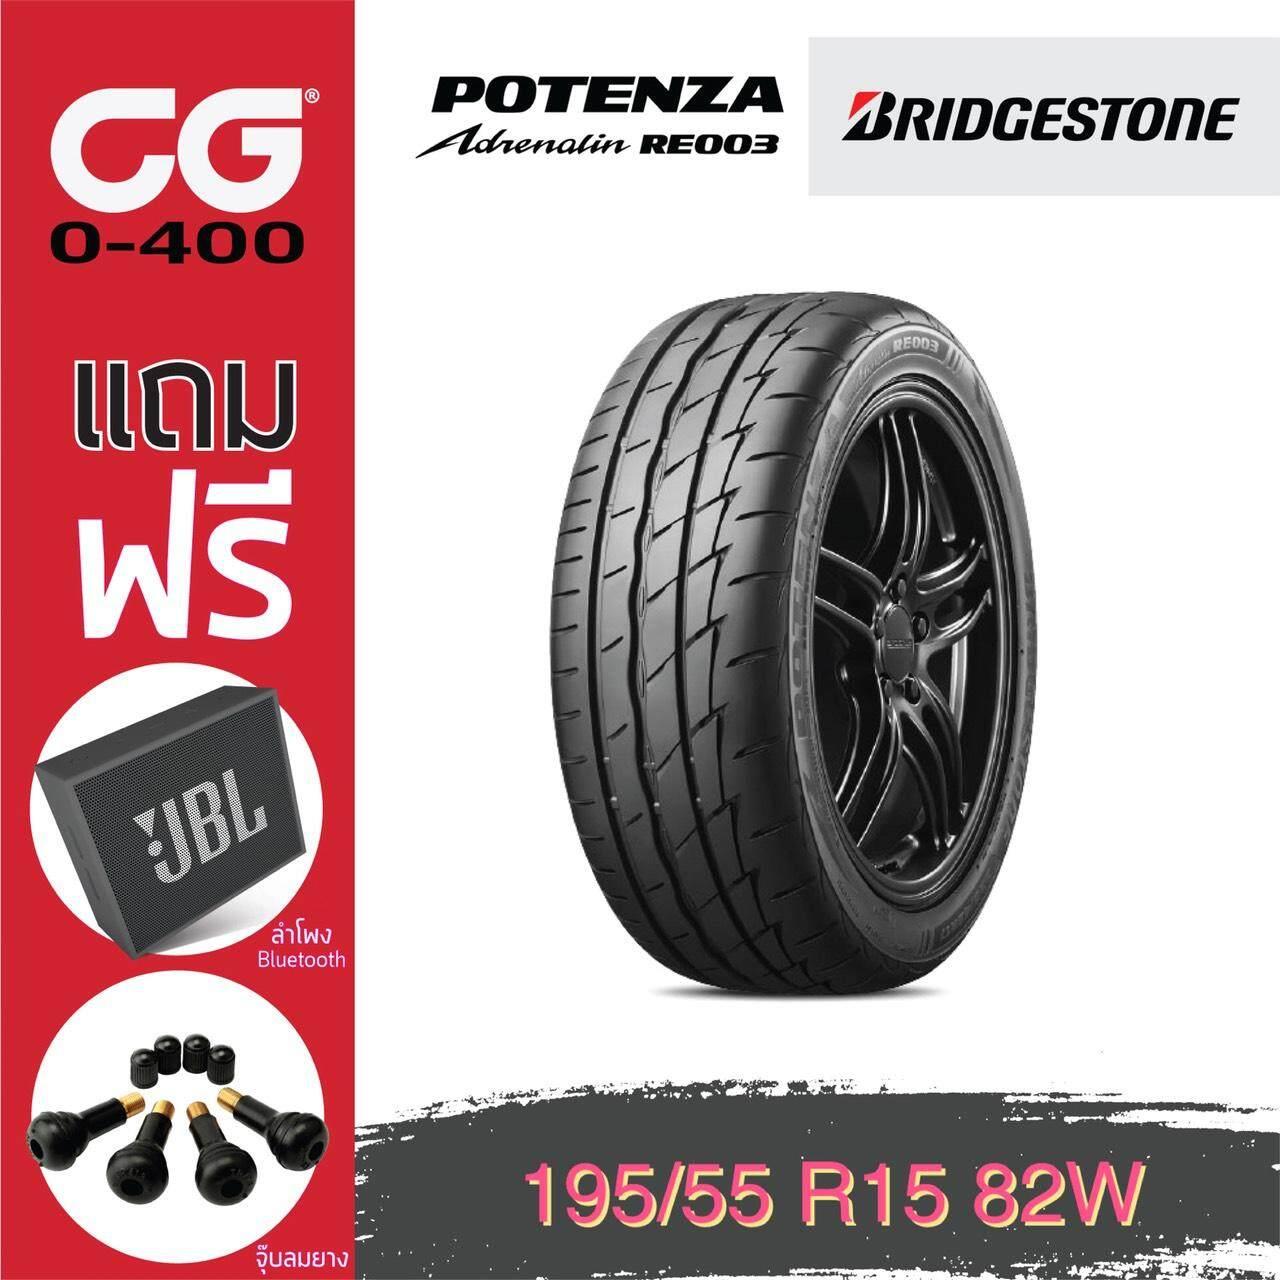 ประกันภัย รถยนต์ แบบ ผ่อน ได้ อุทัยธานี BRIDGESTONE POTENZA Adrenalin RE003 Size 195/55 R15 จำนวน 4 เส้น